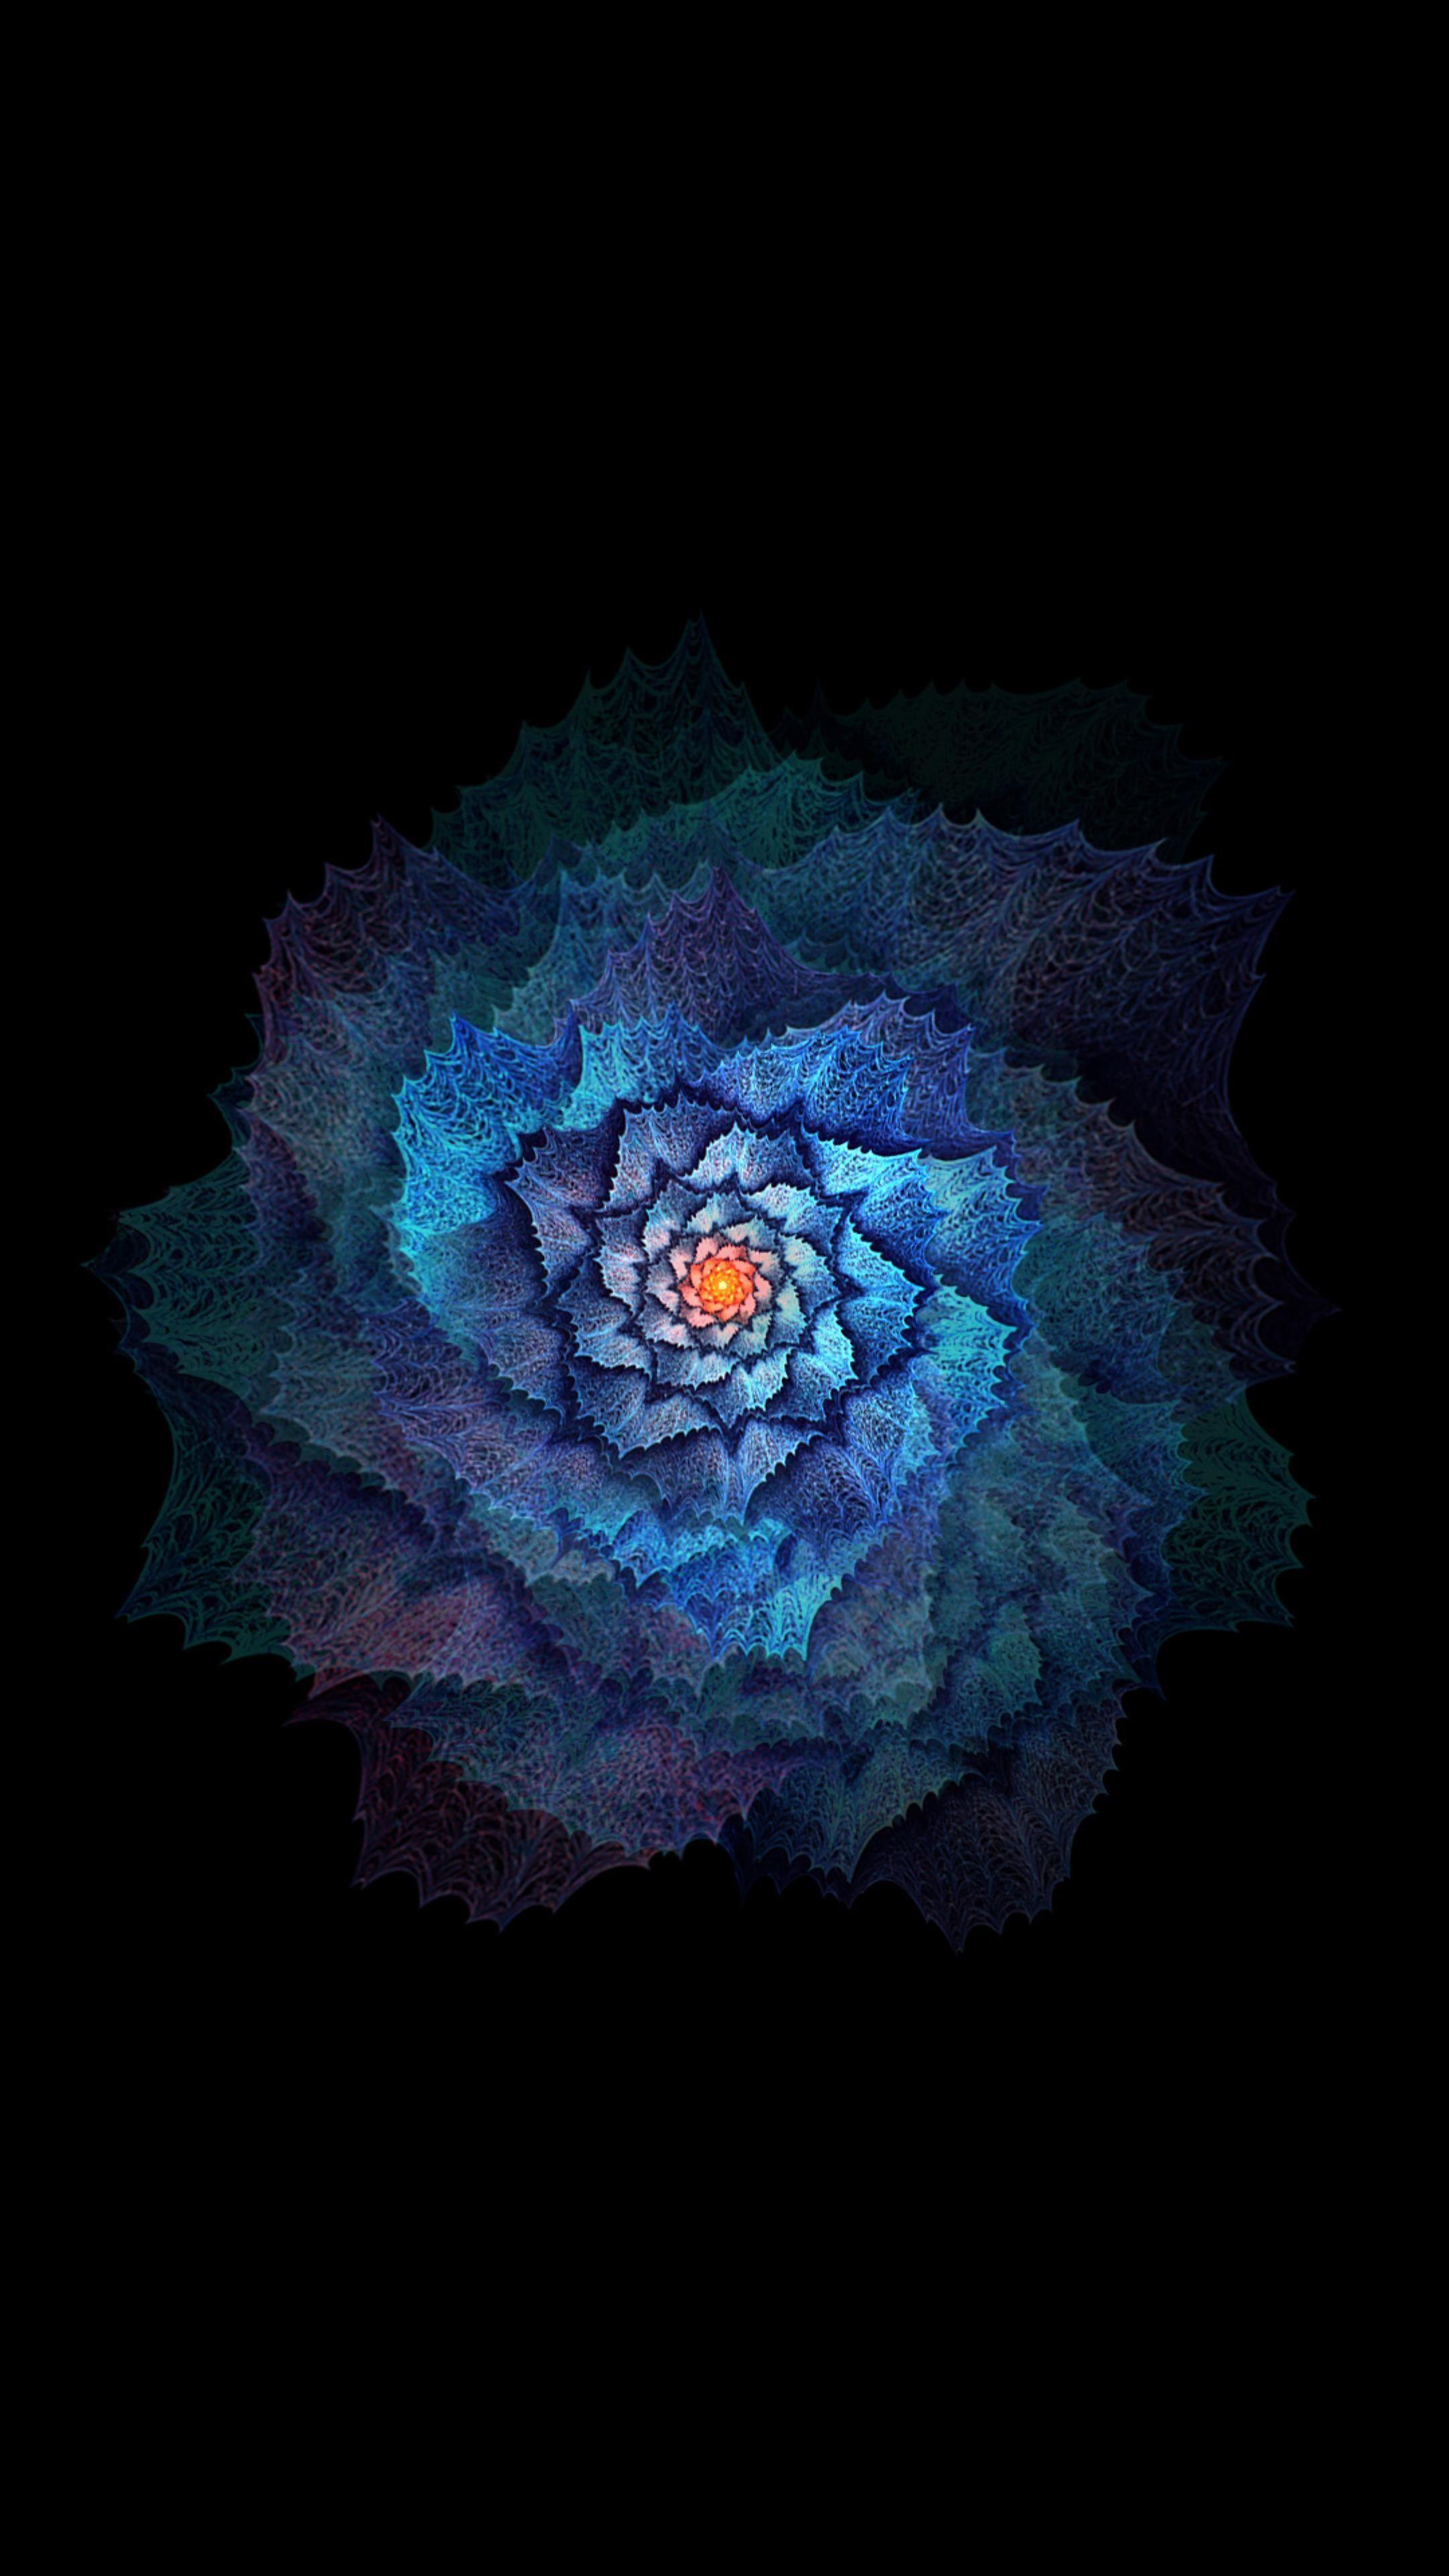 AMOLED Flower Wallpaper